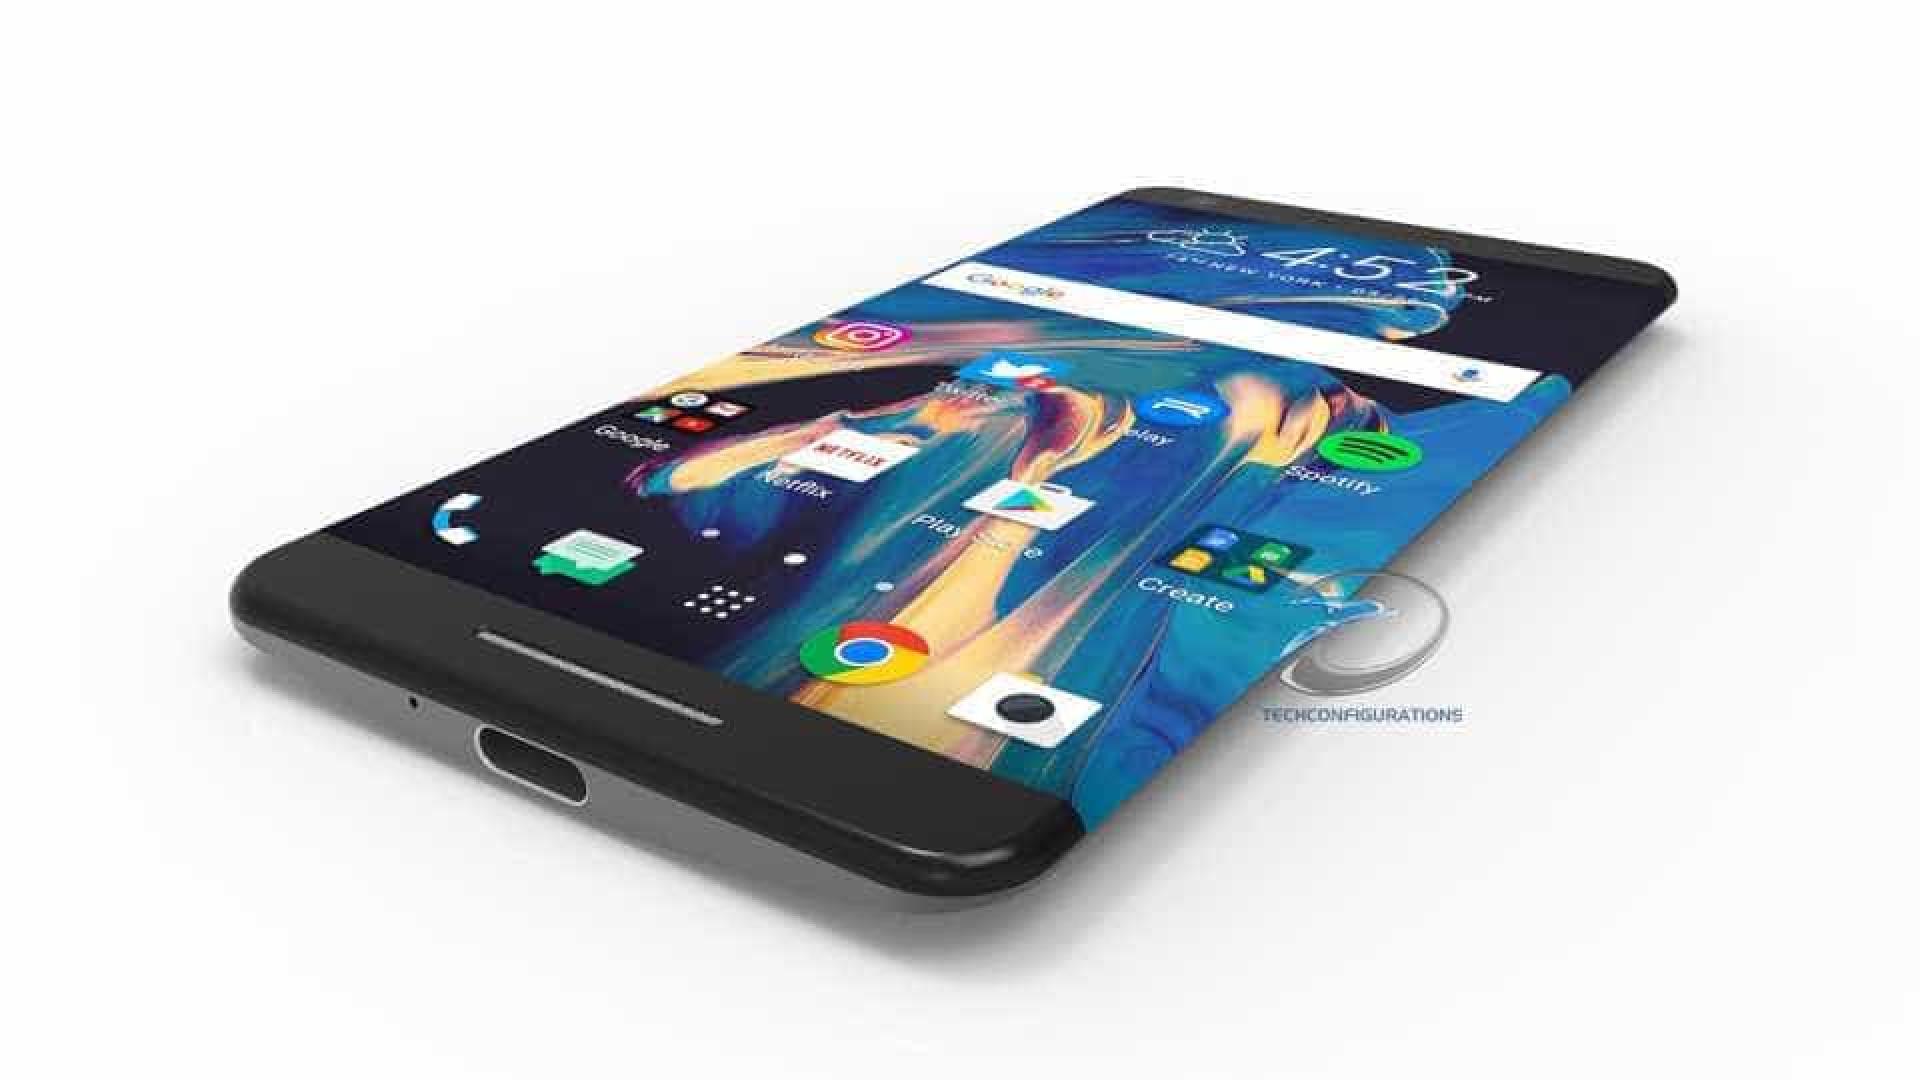 Próximo smartphone da HTC quer conquistá-lo com o seu design